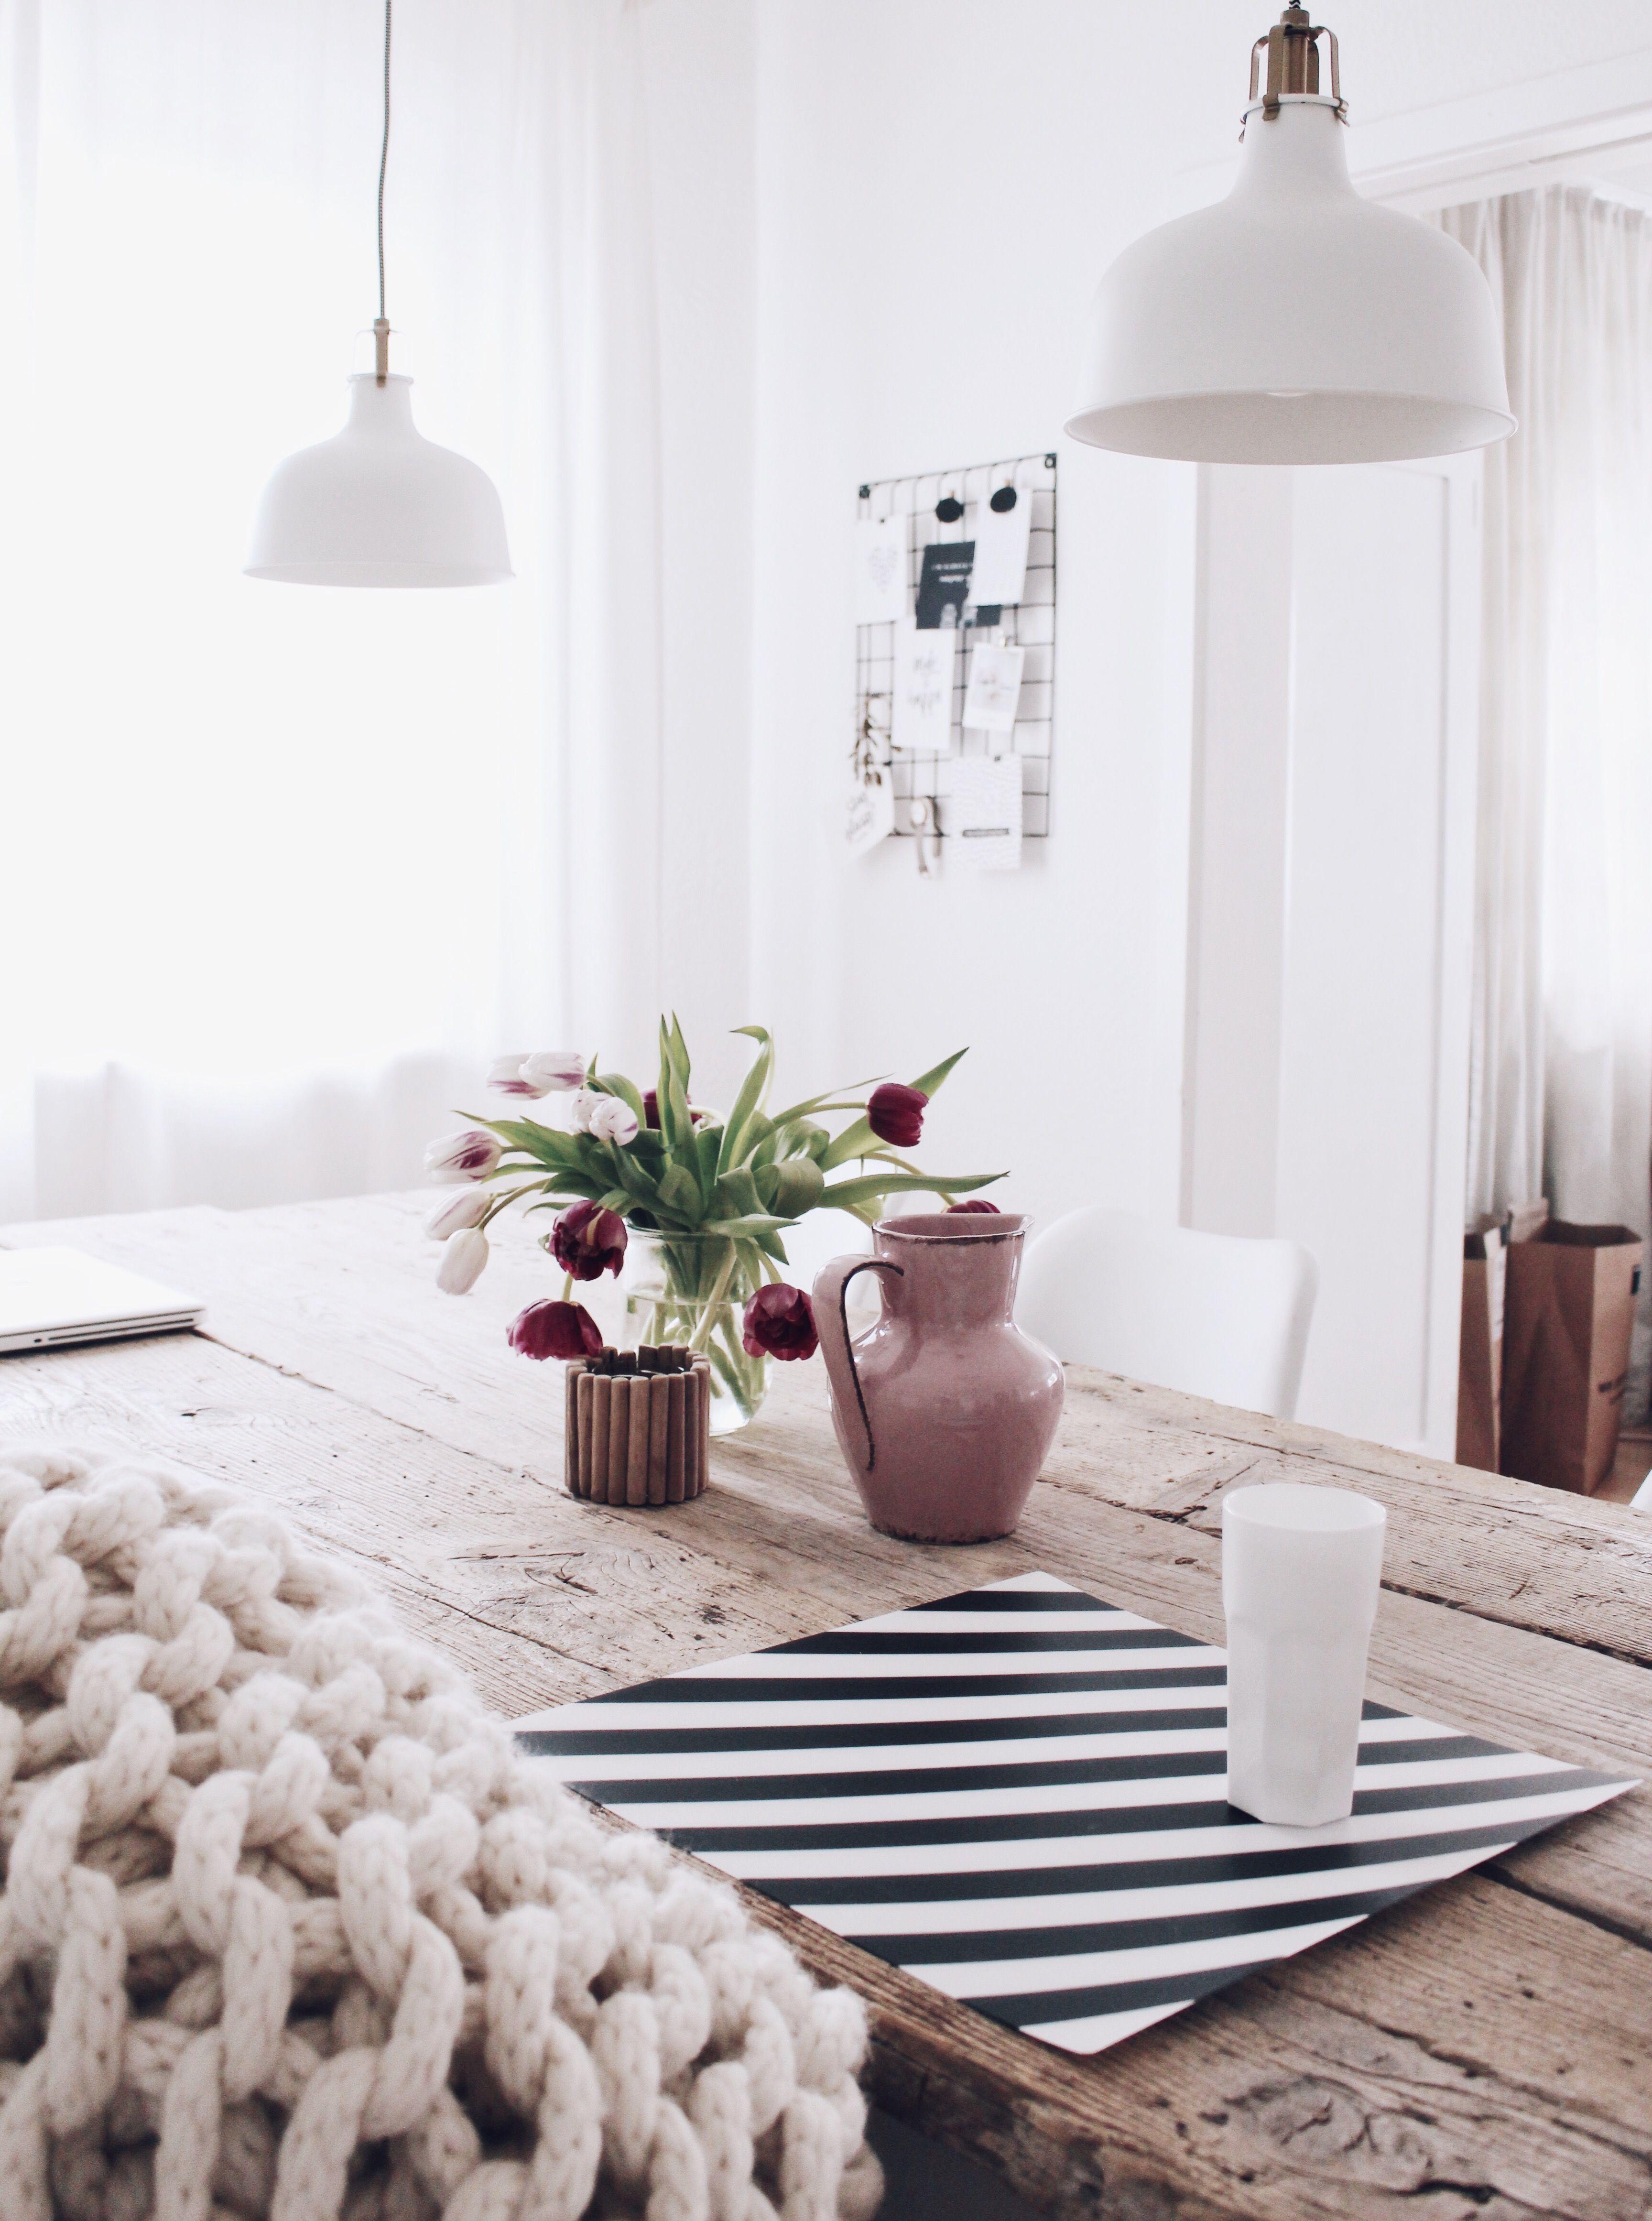 diy esstisch selber bauen | esszimmer essplatz | pinterest | hygge